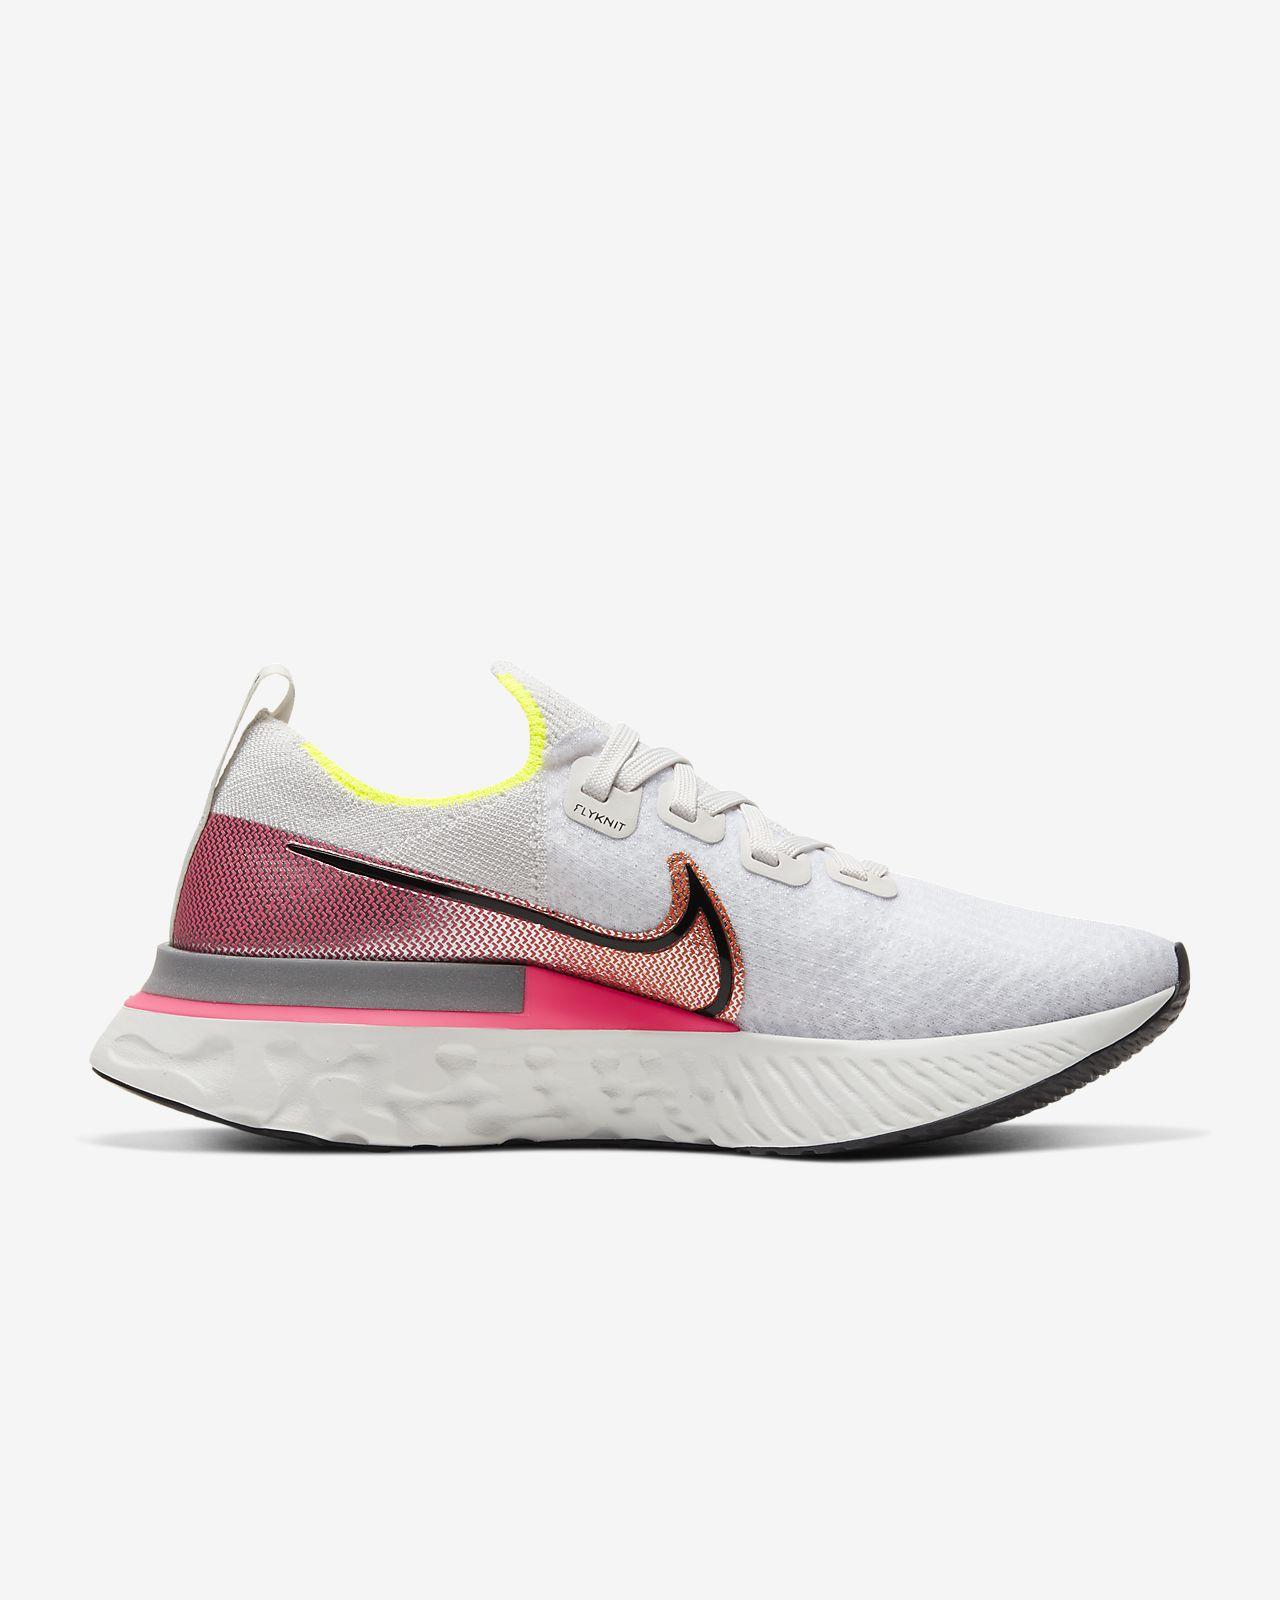 Nike Cortez Ultra : Buy Nike Shoes for Men & Women Online